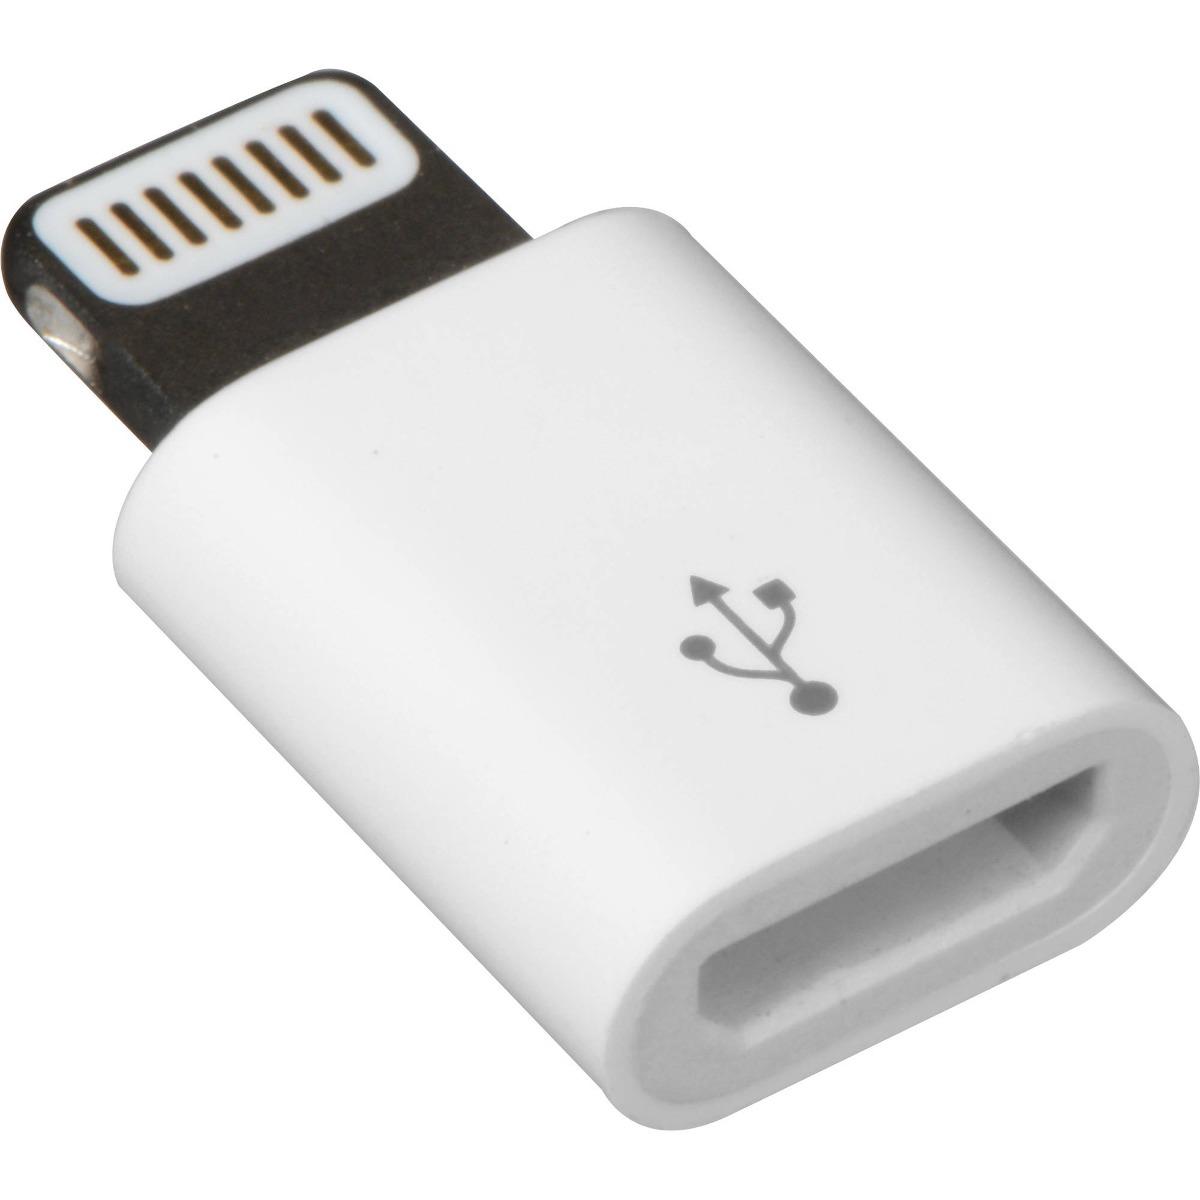 Adaptador Micro Usb X Lightning Apple R 9 90 Em Mercado